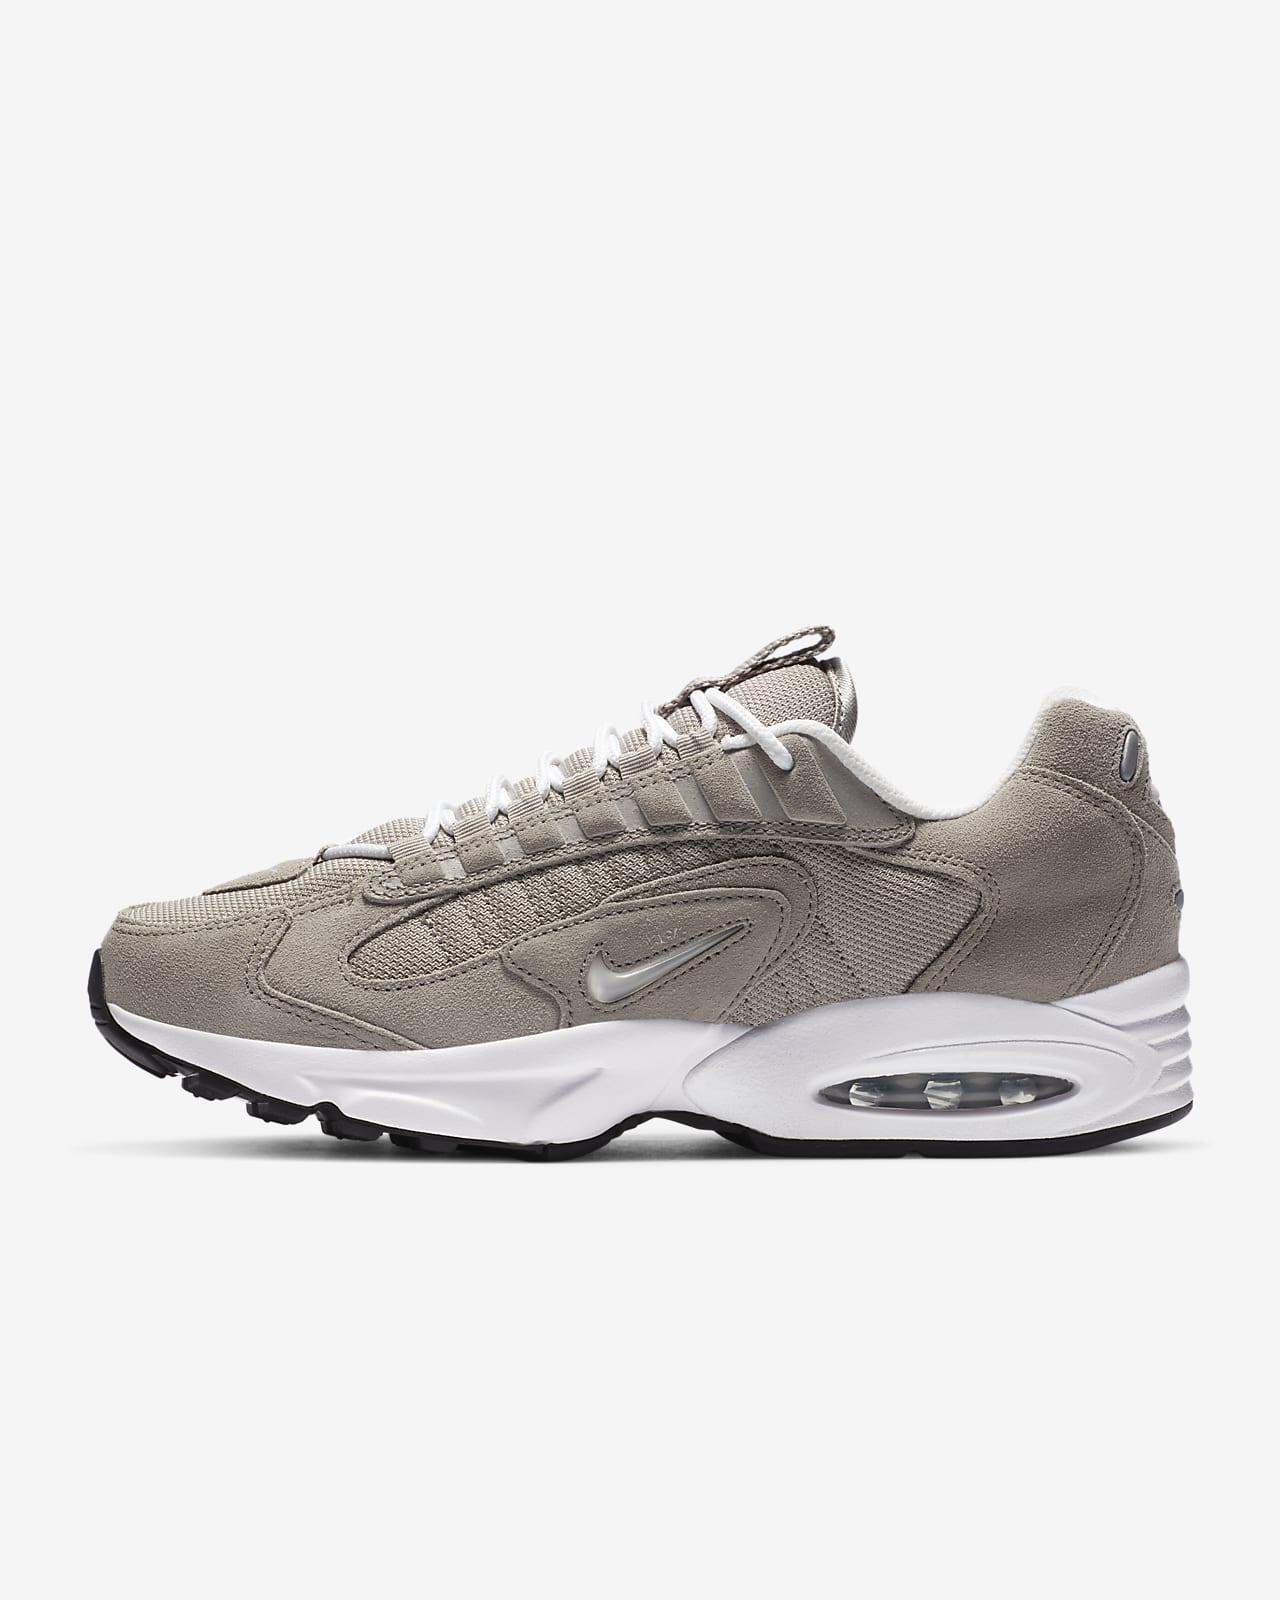 Nike Air Max Triax LE 男子运动鞋